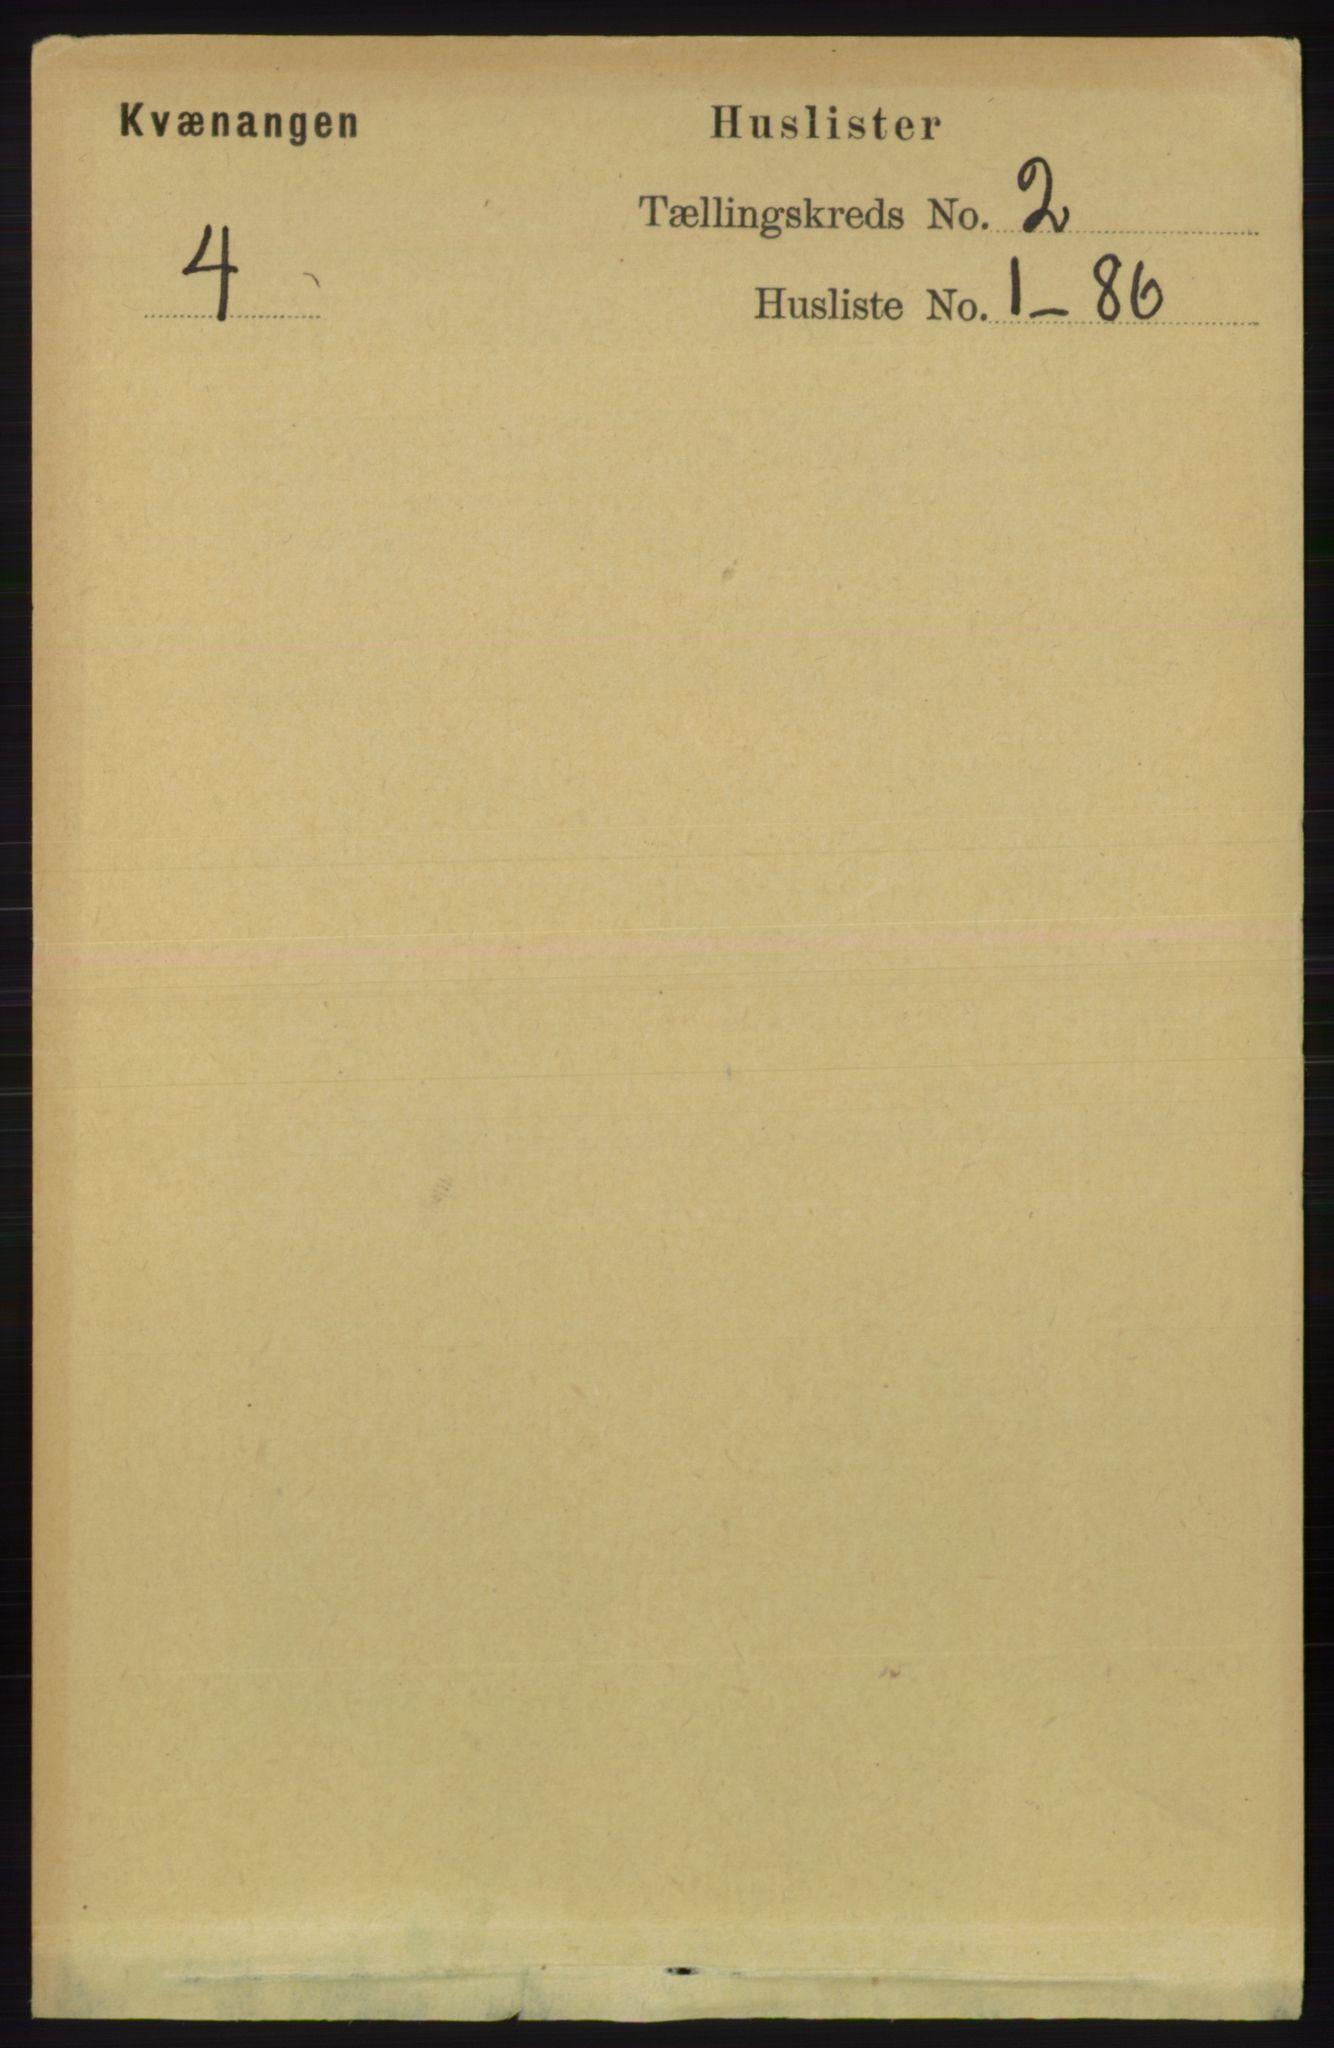 RA, Folketelling 1891 for 1943 Kvænangen herred, 1891, s. 324